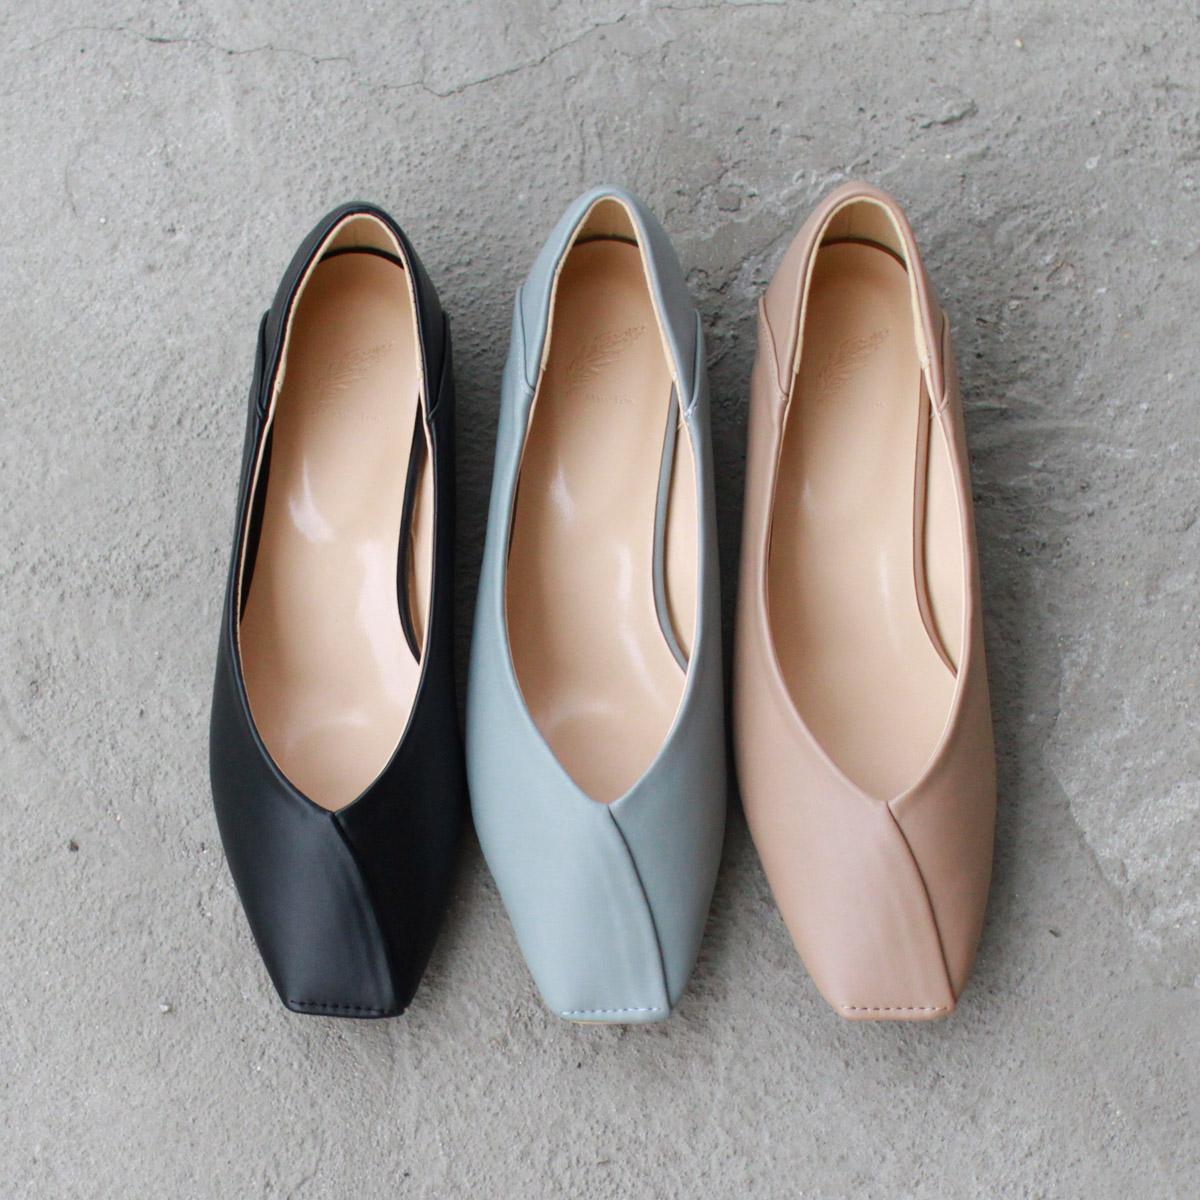 ローヒール お買得 スクエアパンプス シューズ レディースシューズ 品質検査済 婦人靴 スクエア パンプス スクエアトゥ 20%オフクーポン配布中 タイムセール スクエアトゥパンプス 送料無料※北海道 インヒール 沖縄は別途